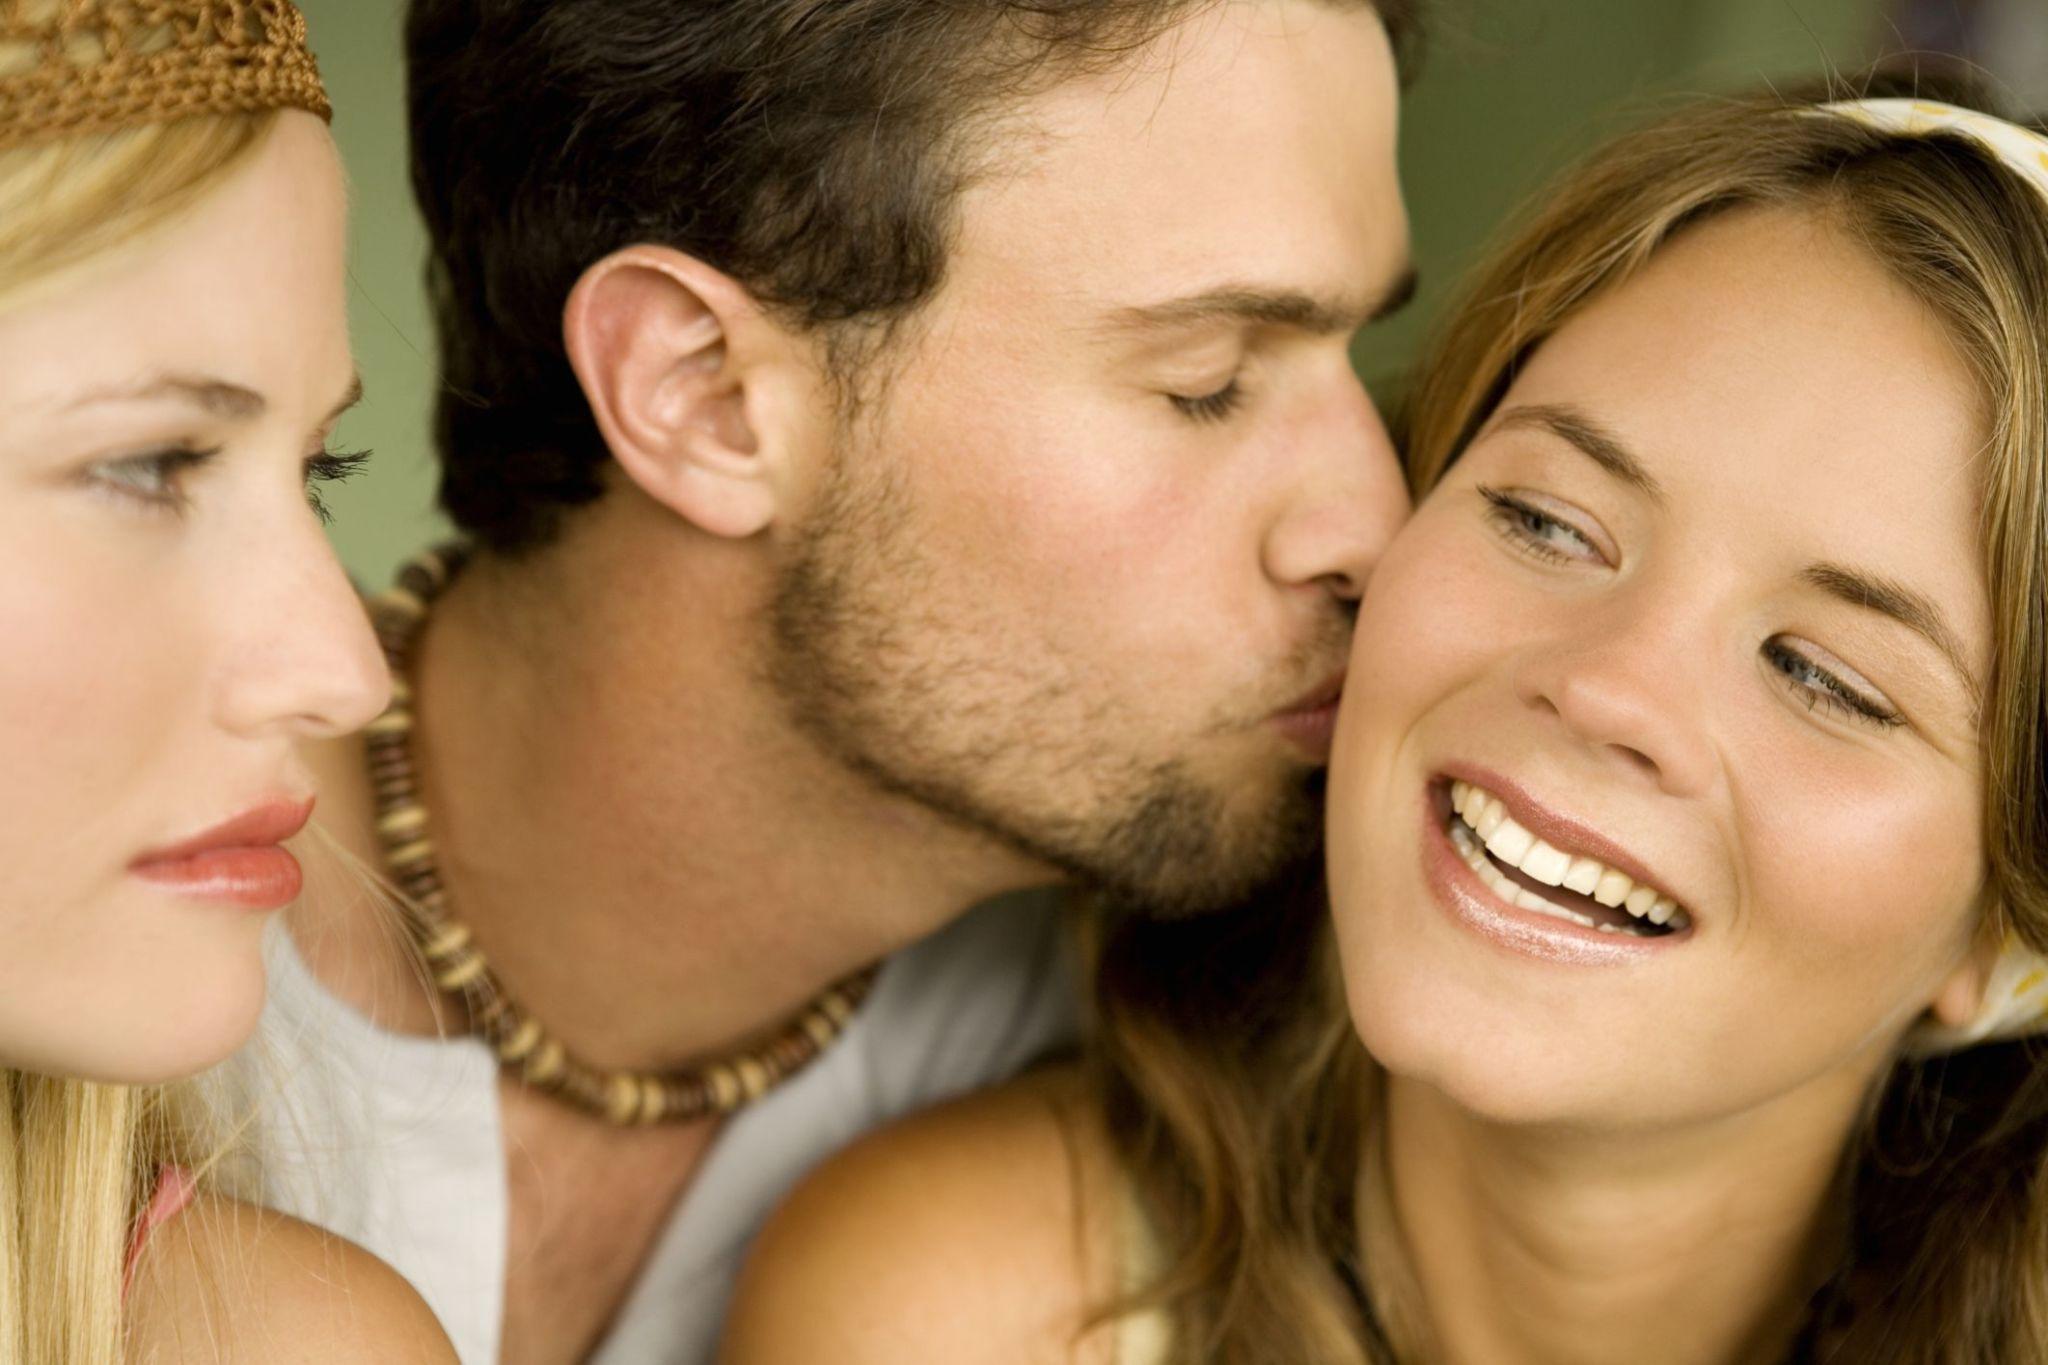 Ci baciamo, ma non stiamo frequentando Yahoo